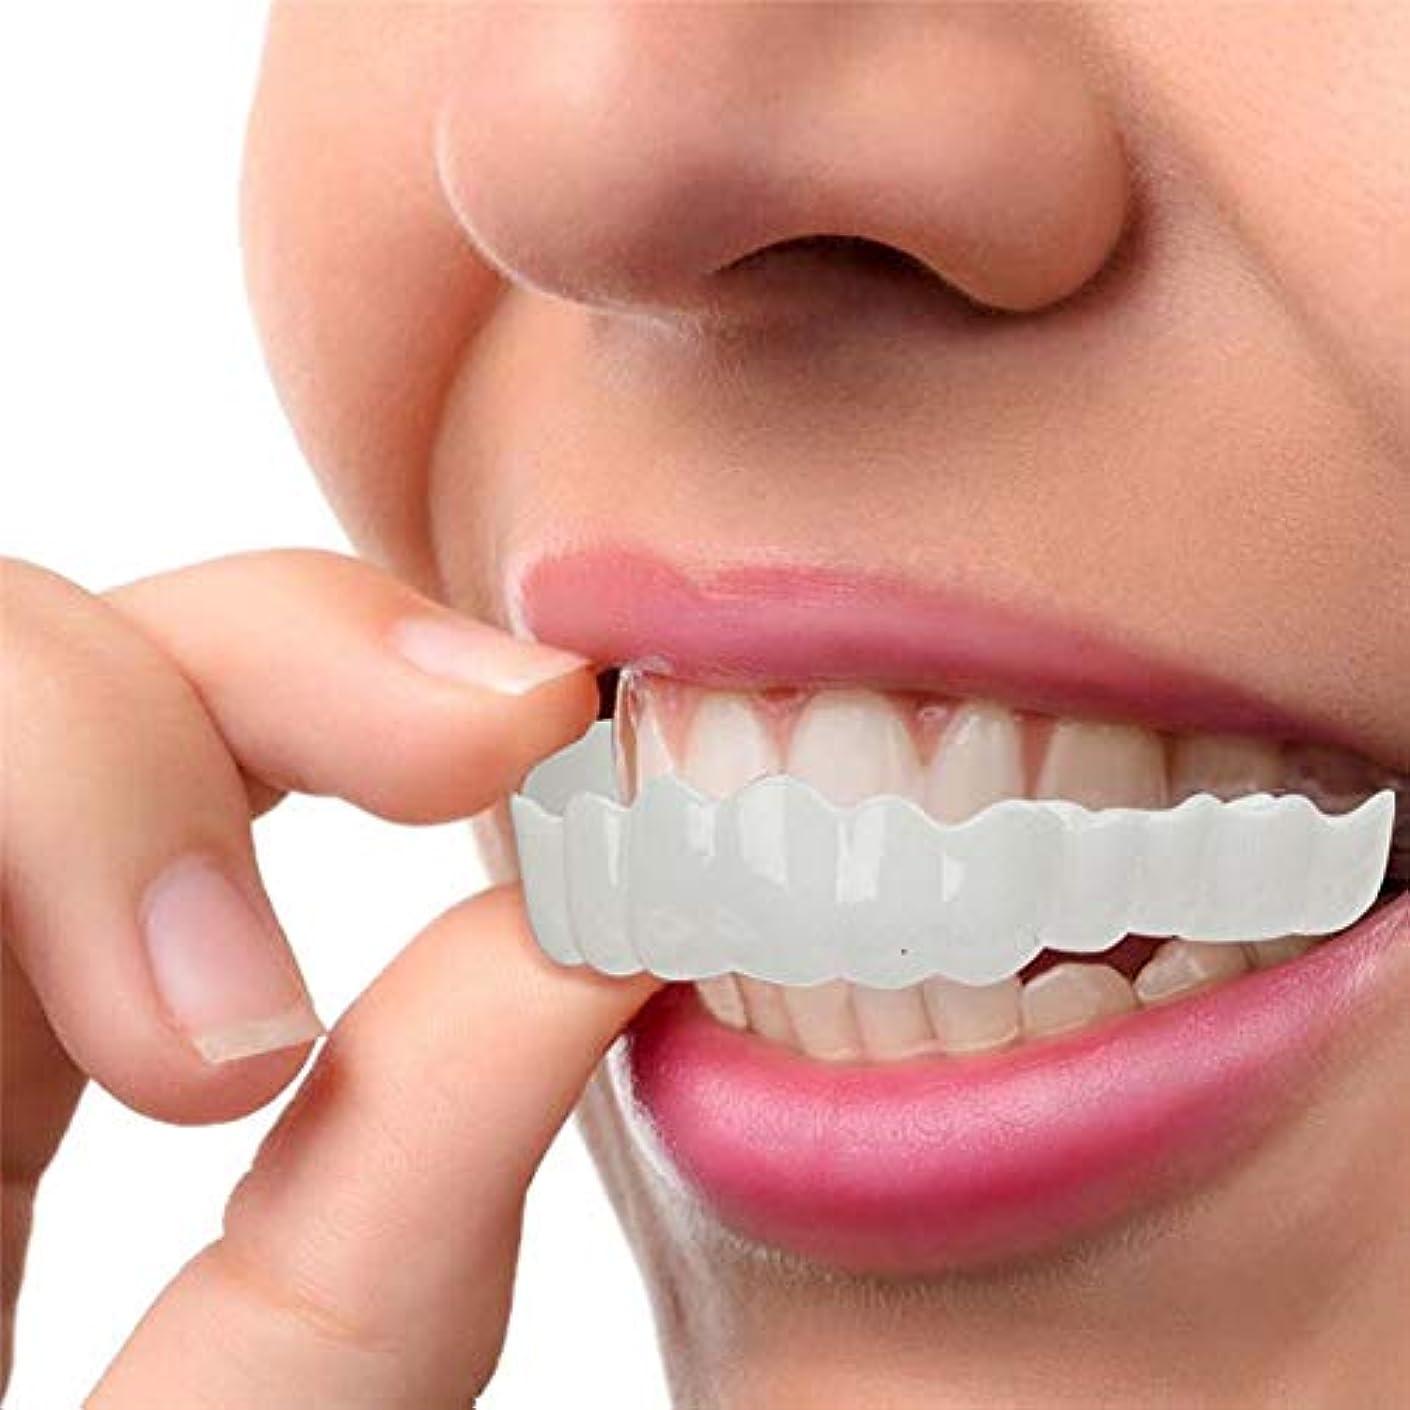 授業料放射能イタリック2セット、白い歯をきれいにするためのコンフォートフィットフレックス歯ソケット、化粧品の歯、スーパーコンフォート、コンフォートフィット